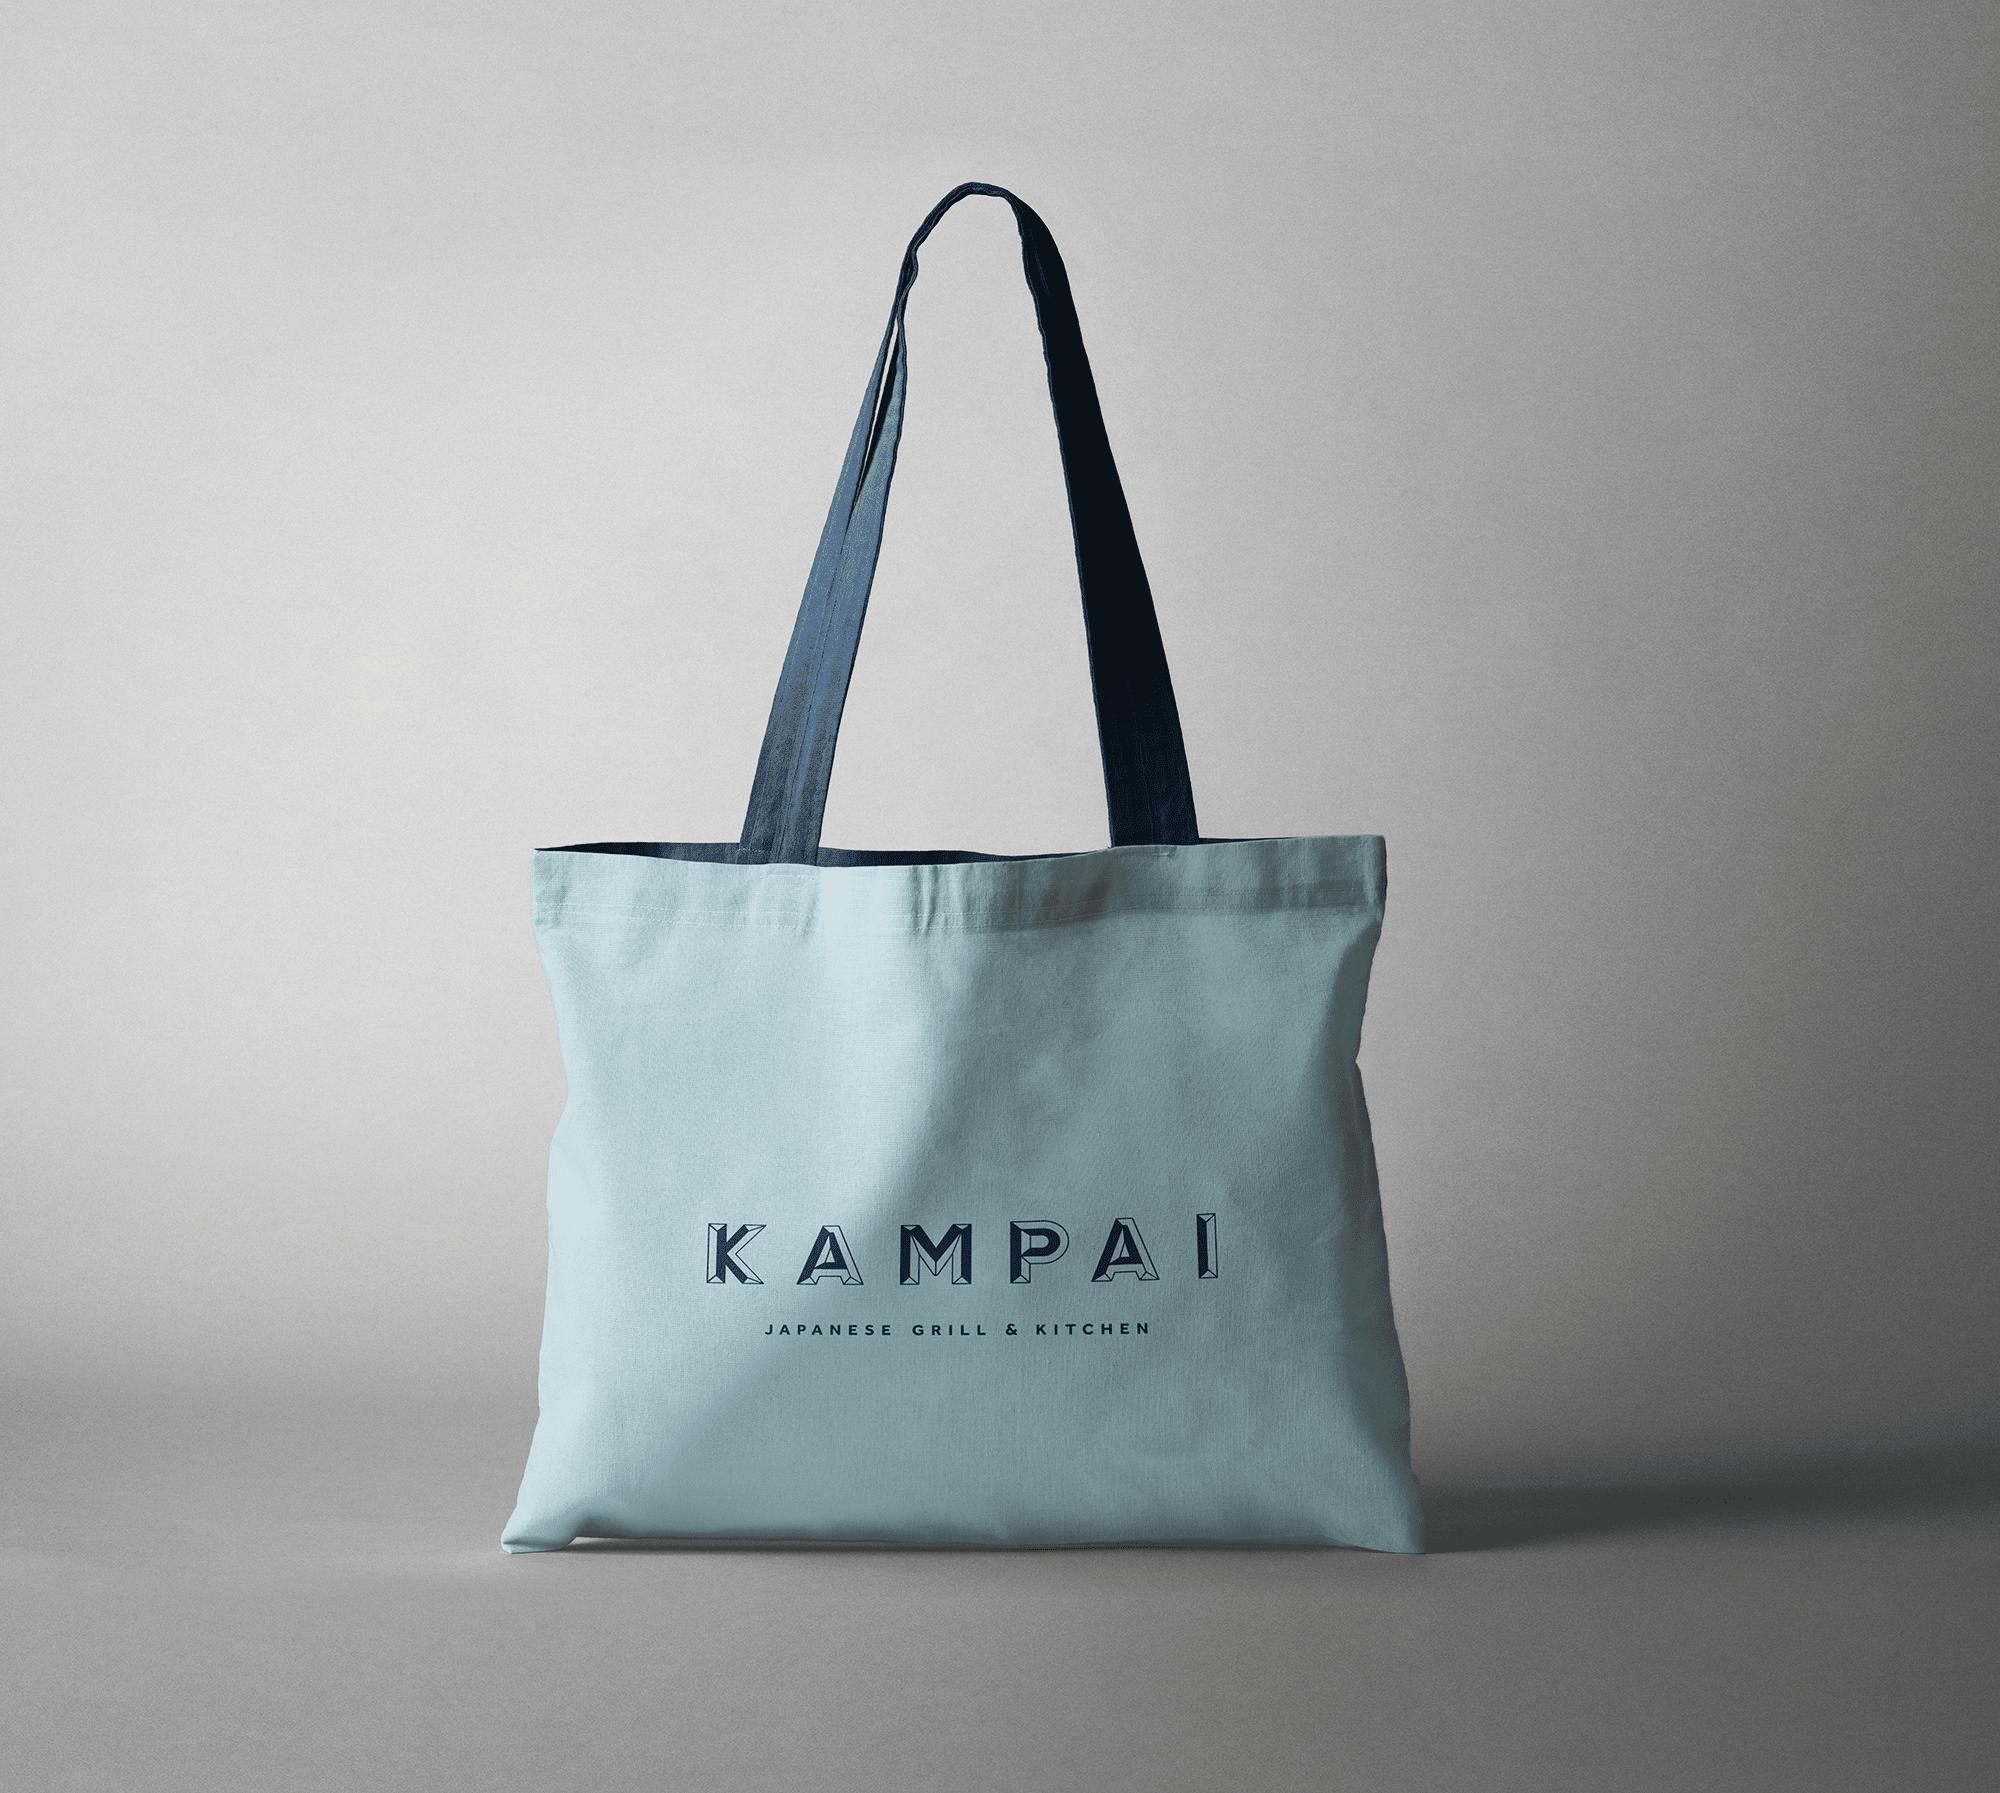 Tote-Bag-blue-Kampai-yoenpaperland